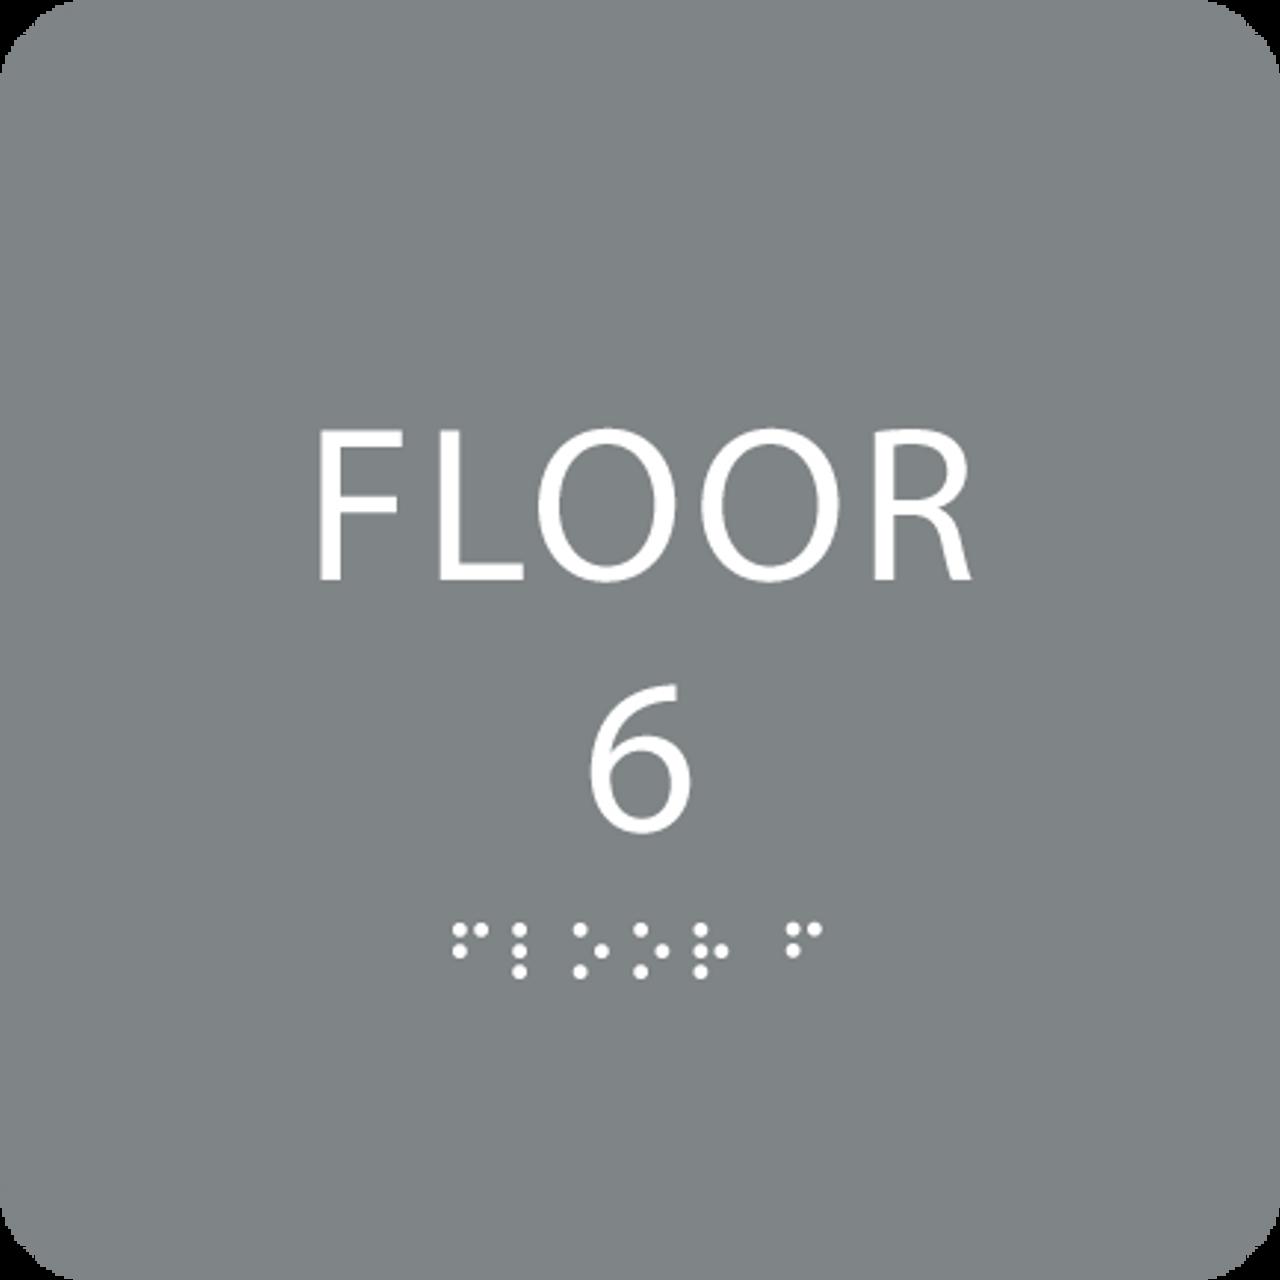 Grey Floor 6 Level Number ADA Sign